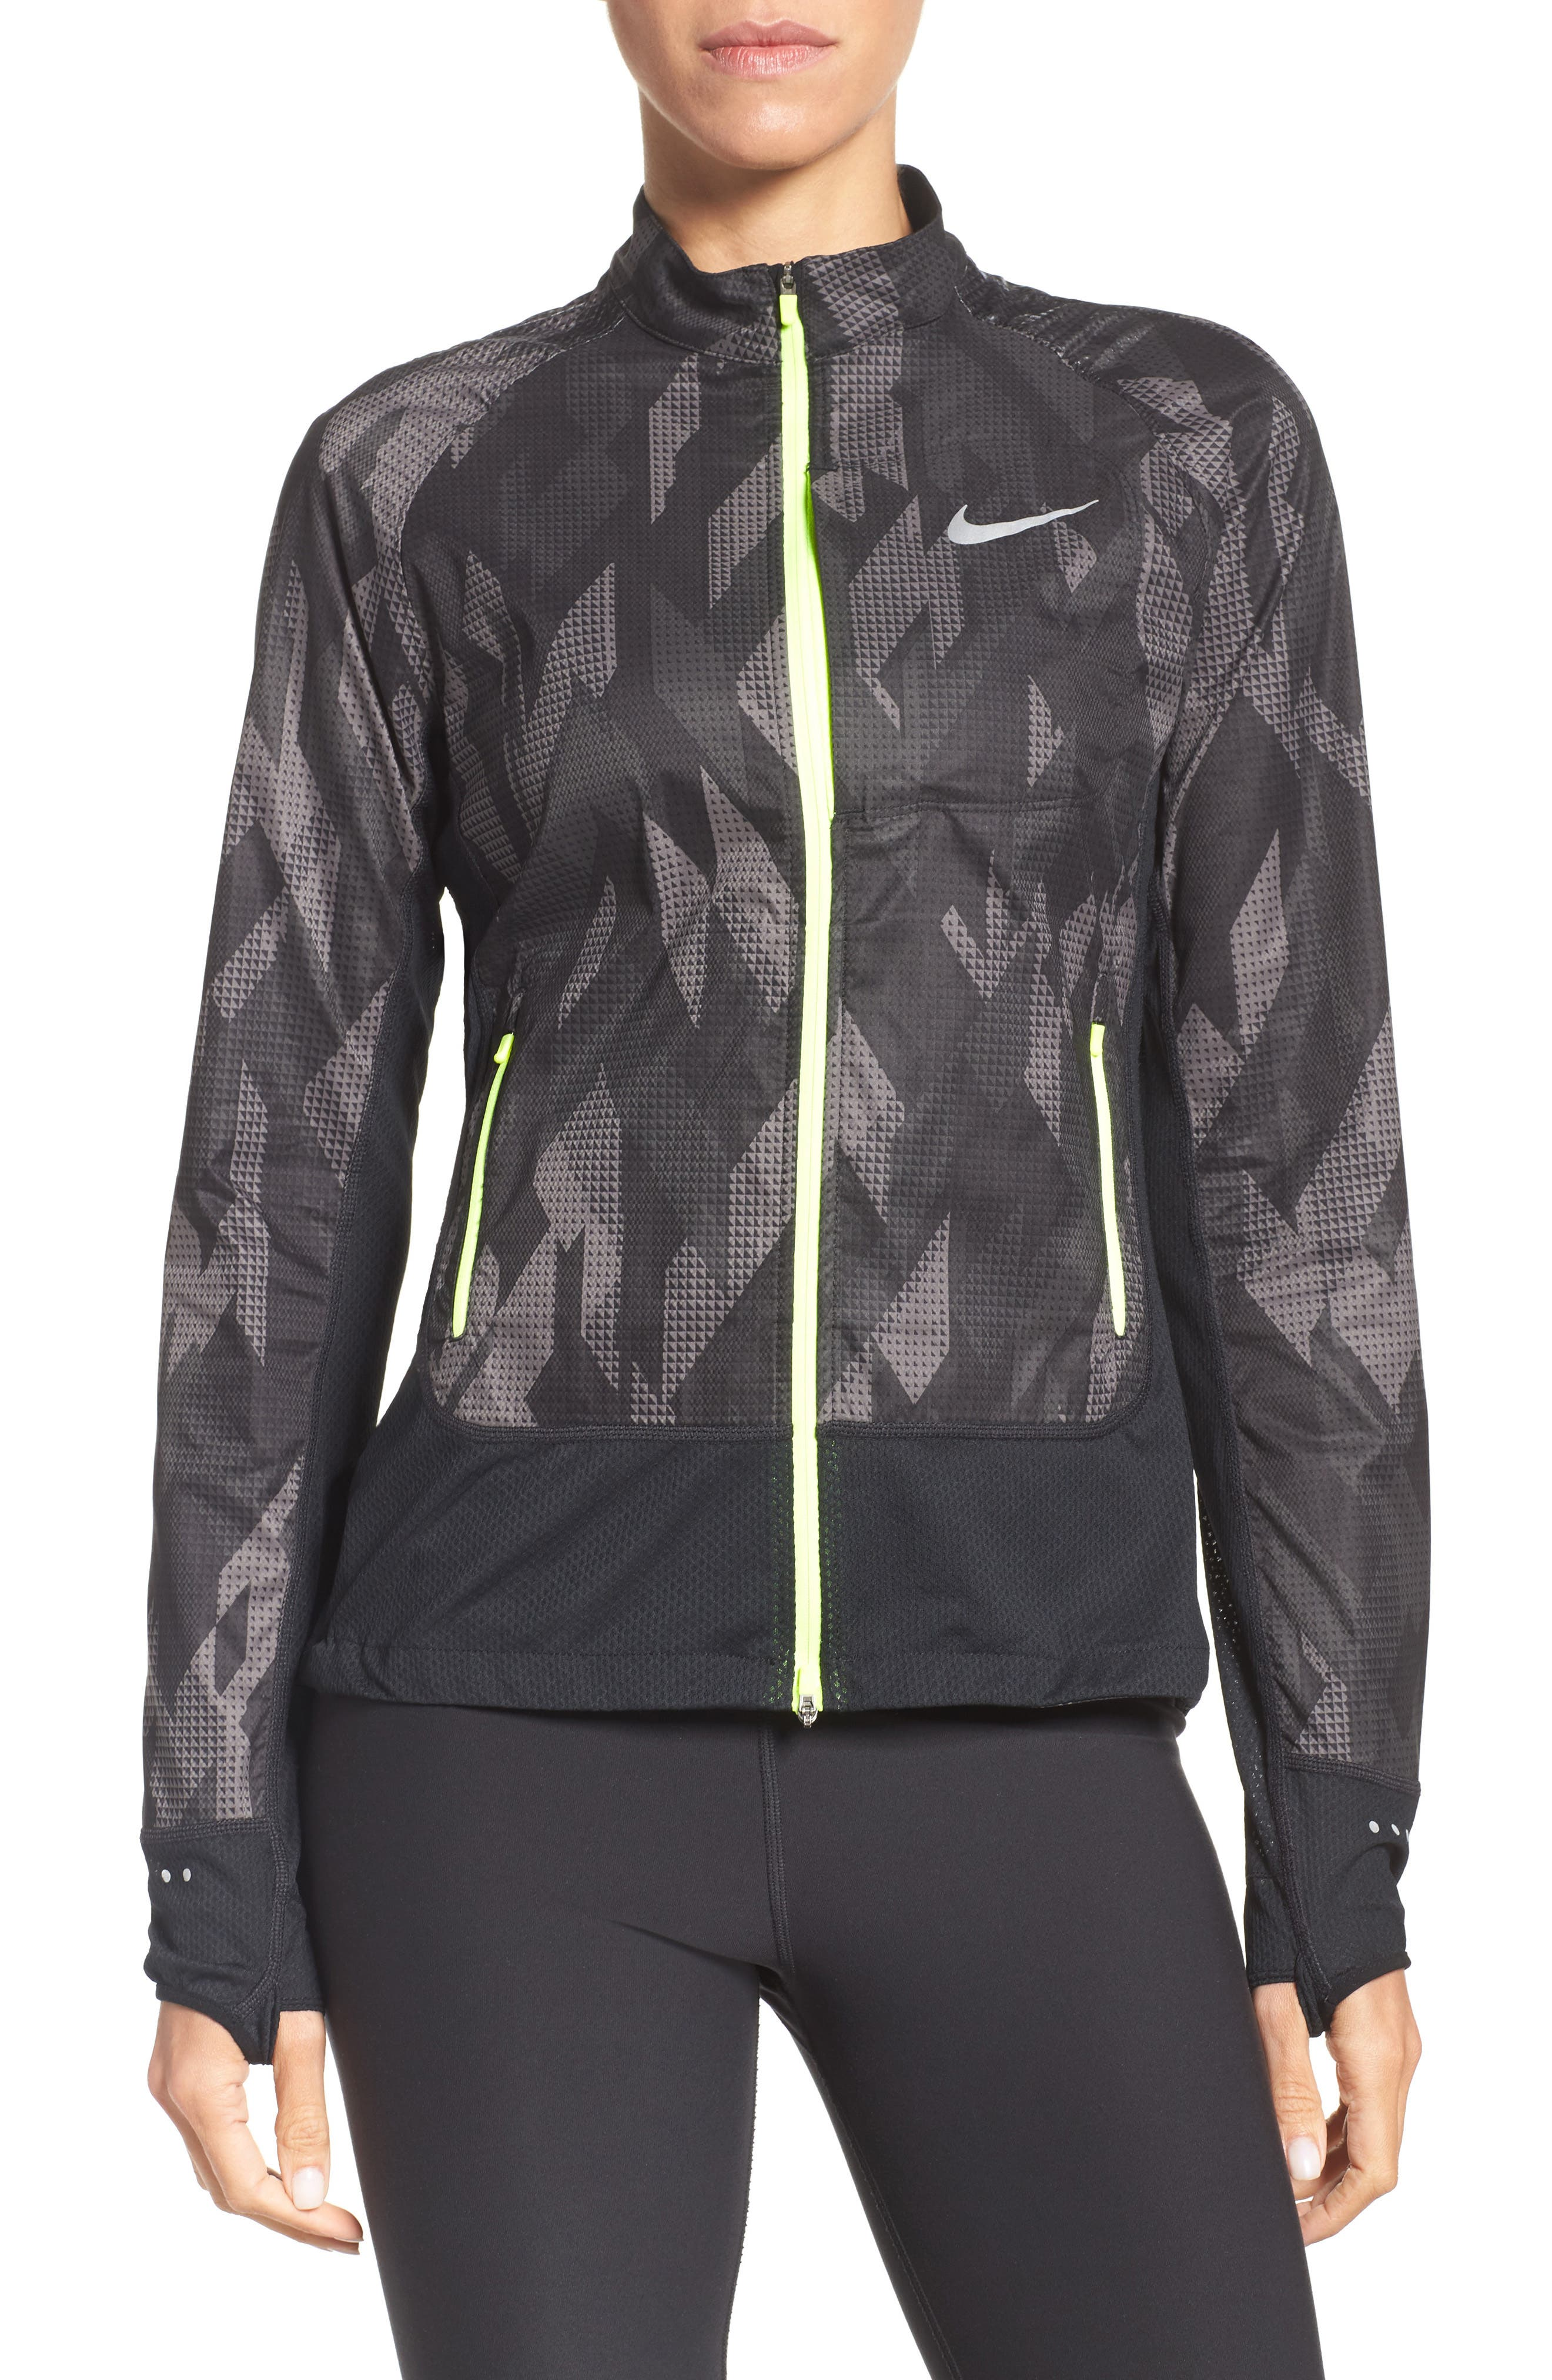 Flex Running Jacket,                         Main,                         color,